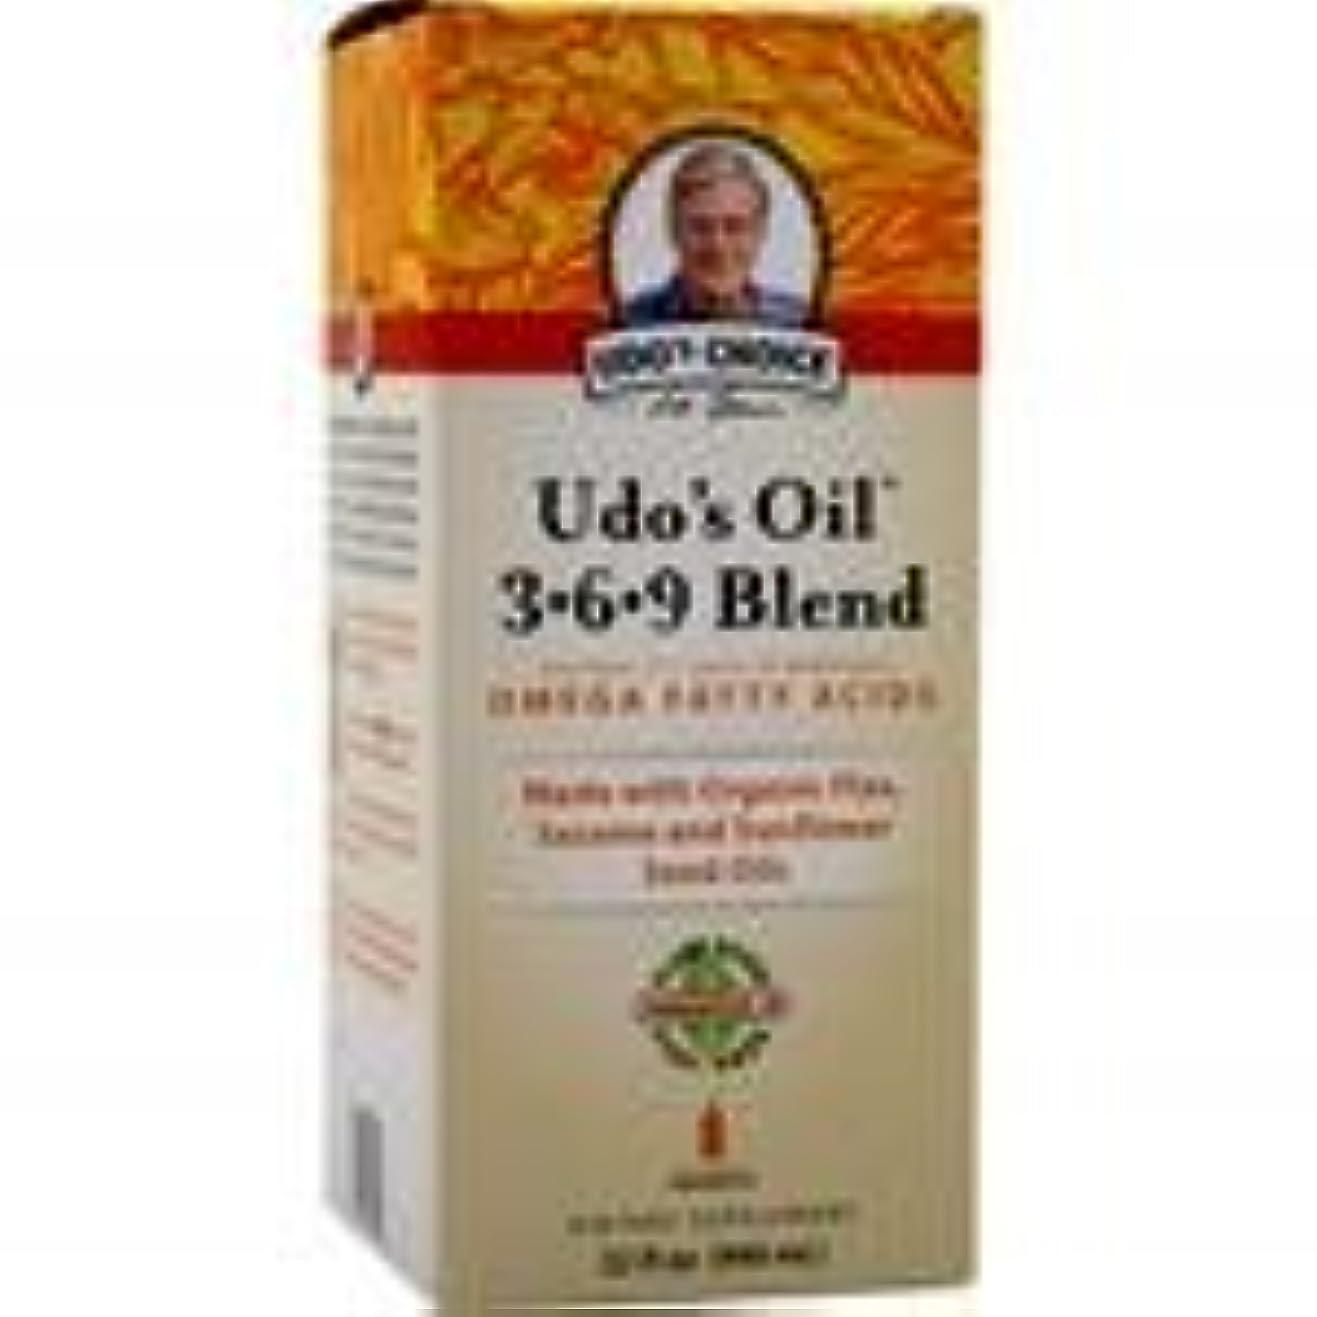 体系的にフォークコインランドリーUdo's Oil 3-6-9 Blend Liquid 32 fl.oz 2個パック